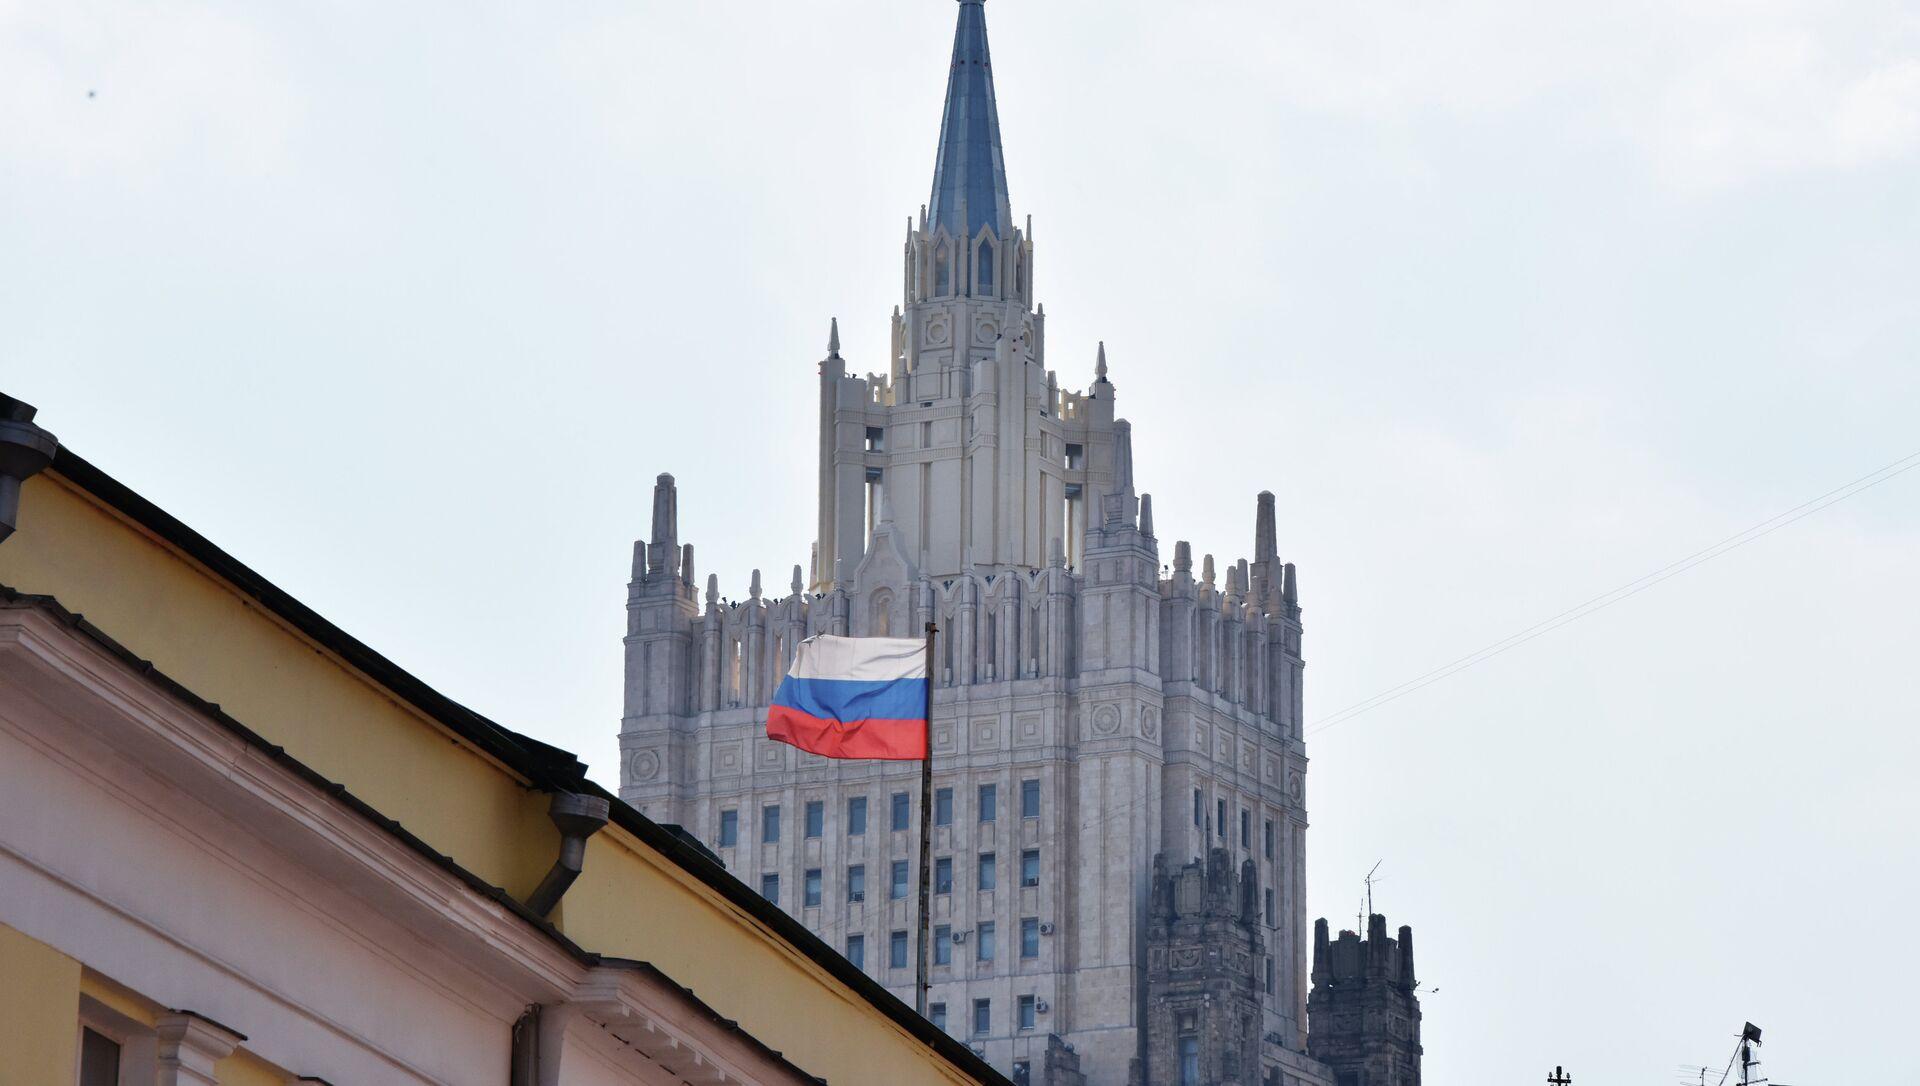 Здание министерства иностранных дел РФ на Смоленской-Сенной площади в Москве - Sputnik Азербайджан, 1920, 16.04.2021